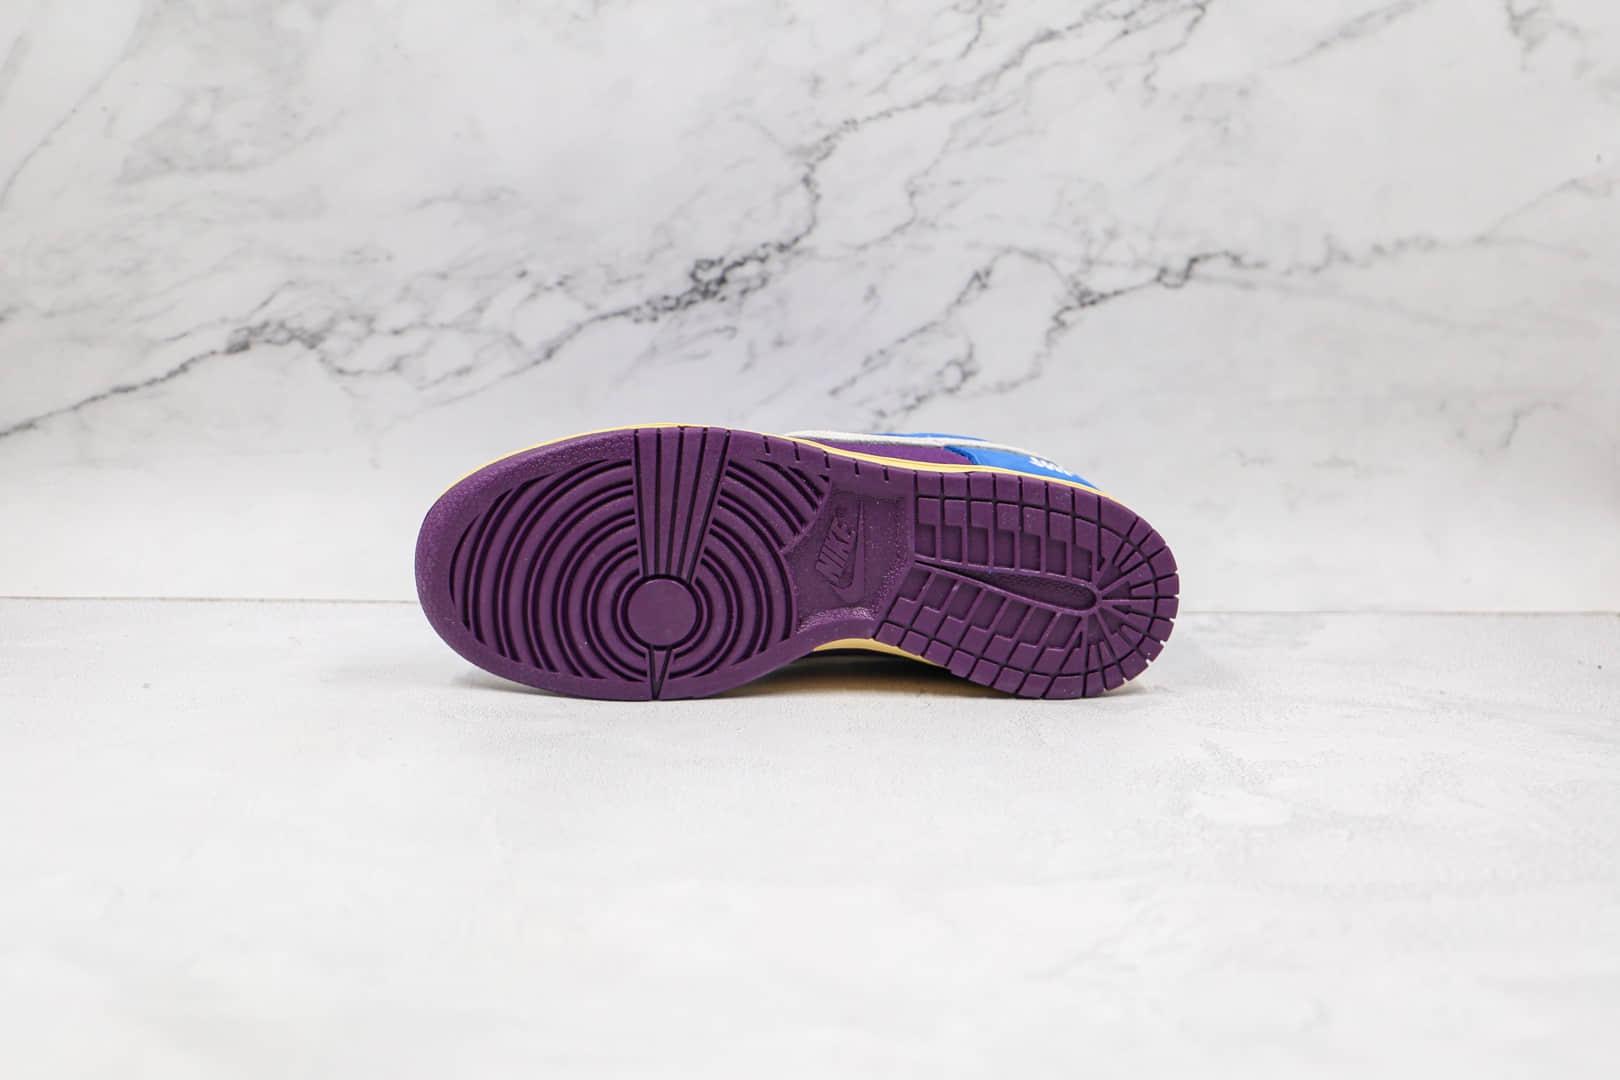 耐克UNDEFEATED x Nike SB Dunk Low纯原版本联名SB Dunk板鞋蓝紫蛇纹原厂头层皮料 货号:DH6508-400